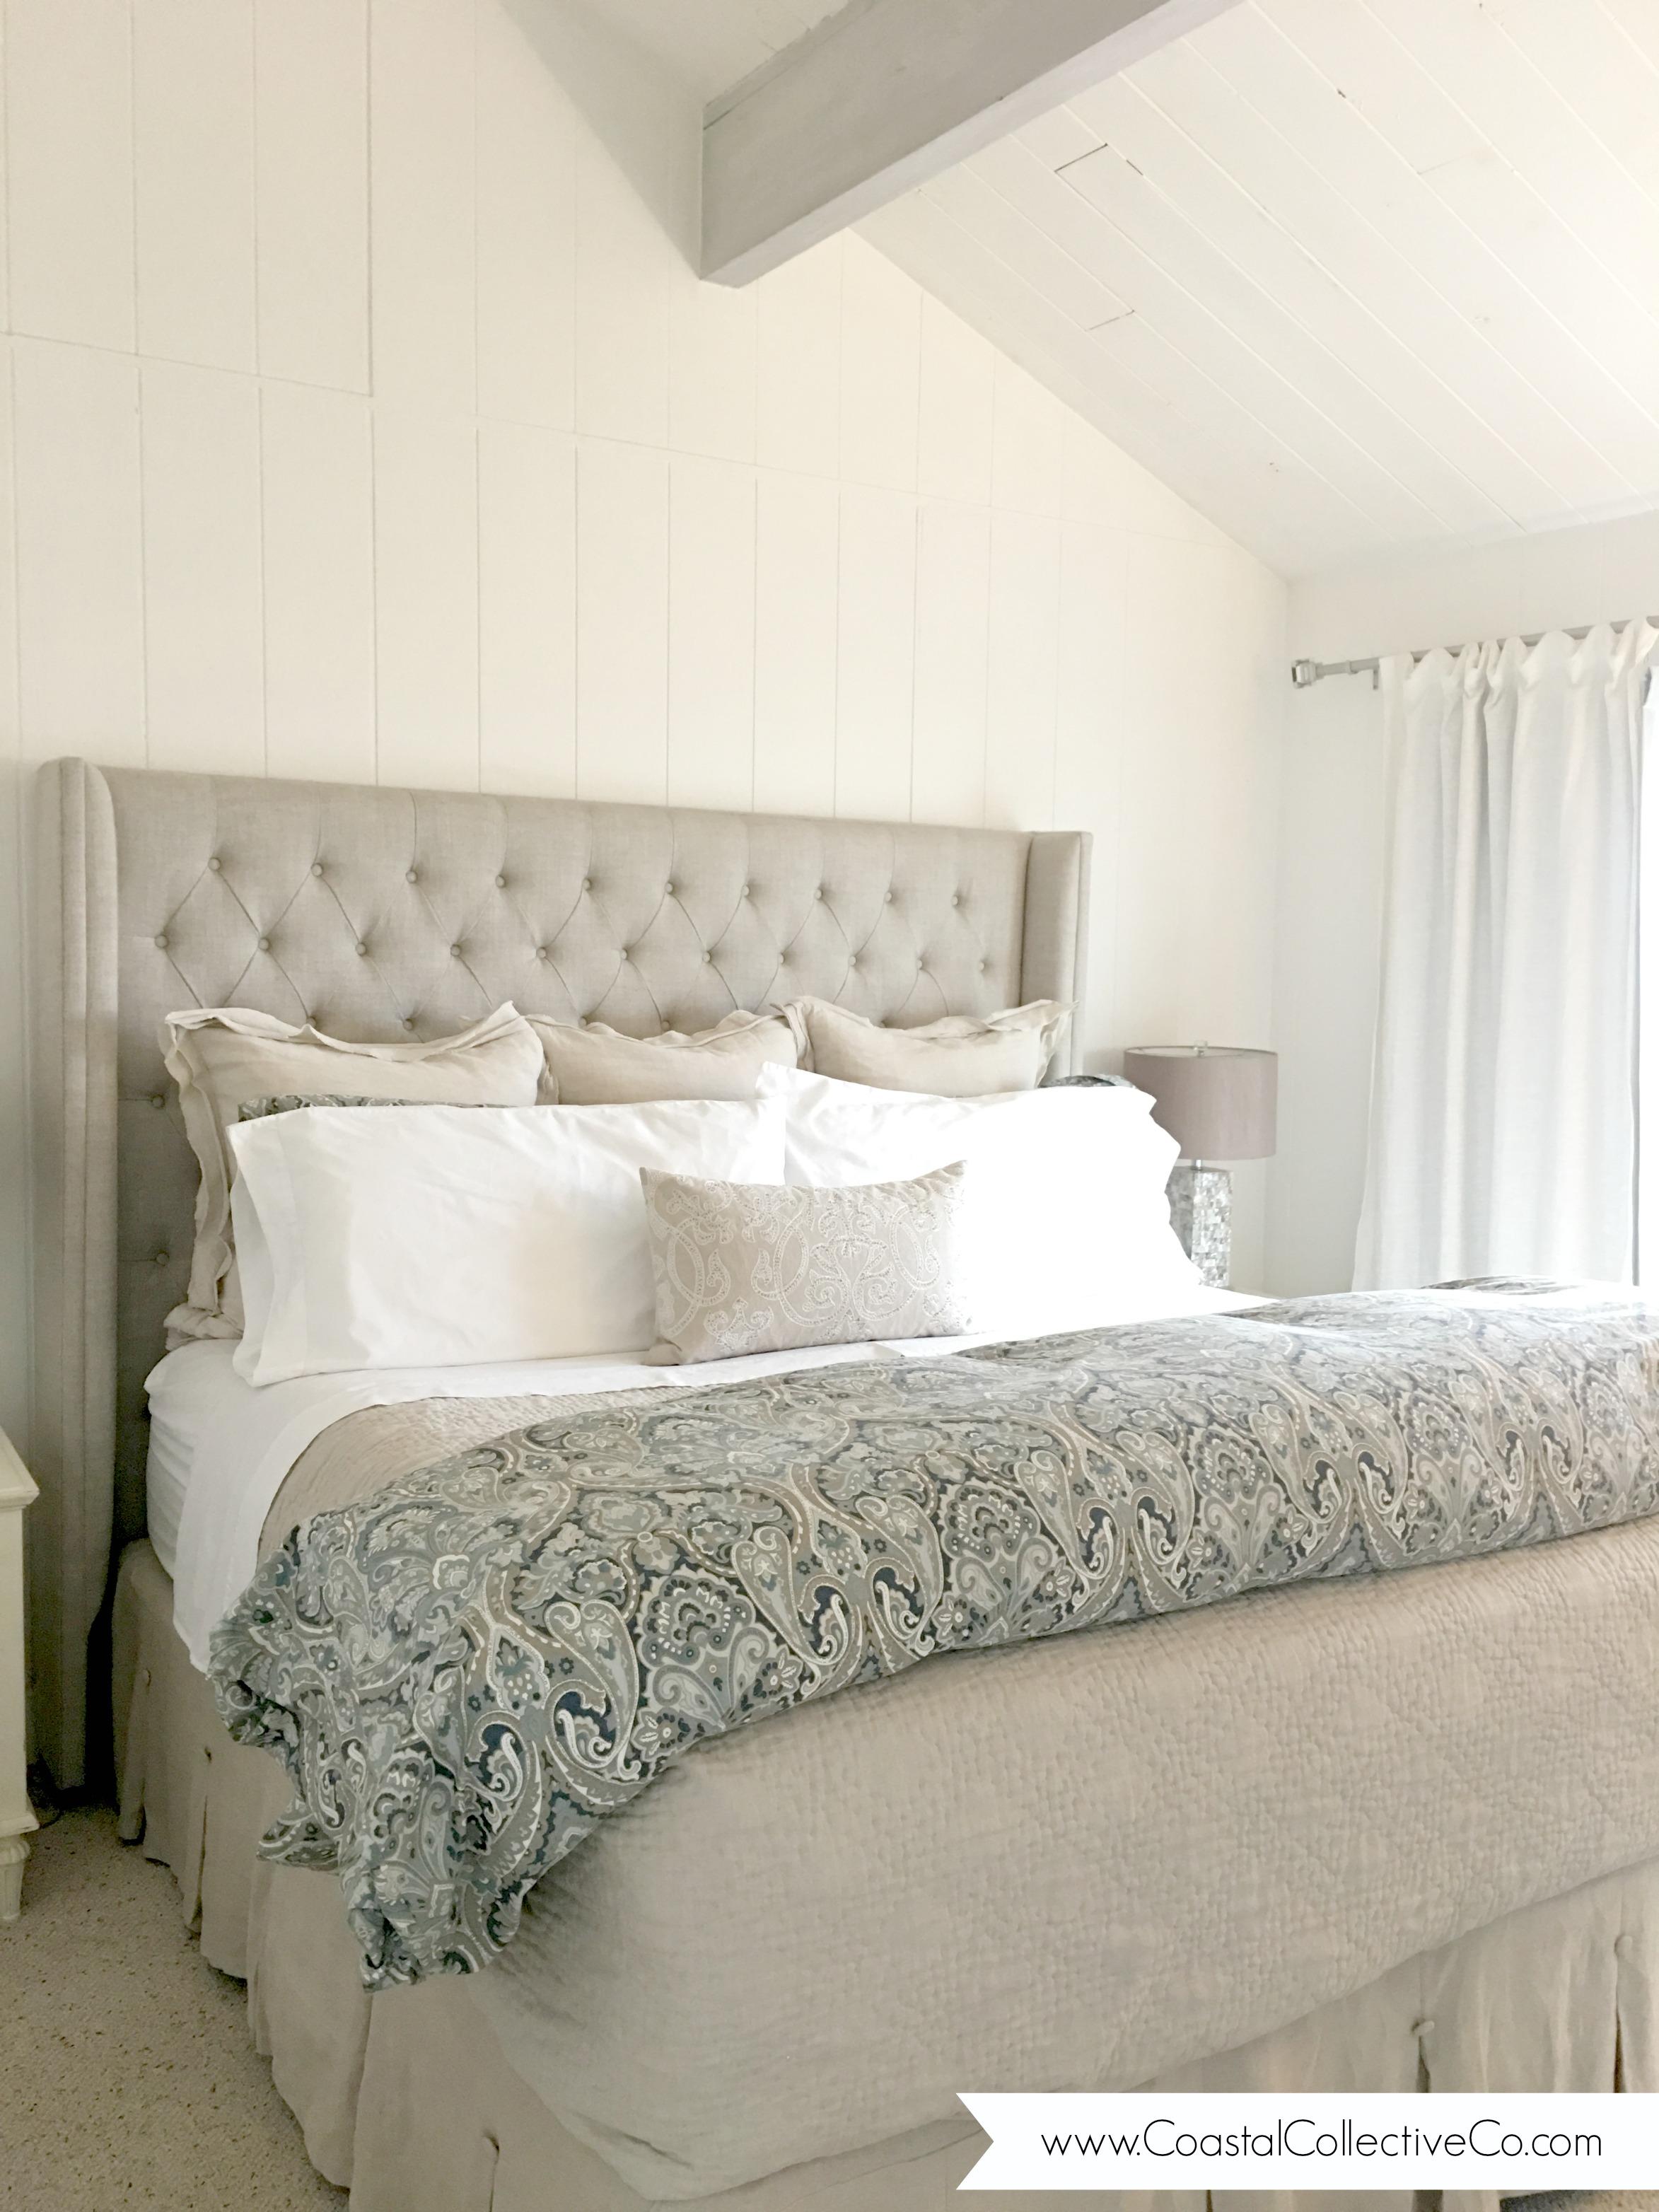 Coupevdlle Beach House Master Bedroom.jpg